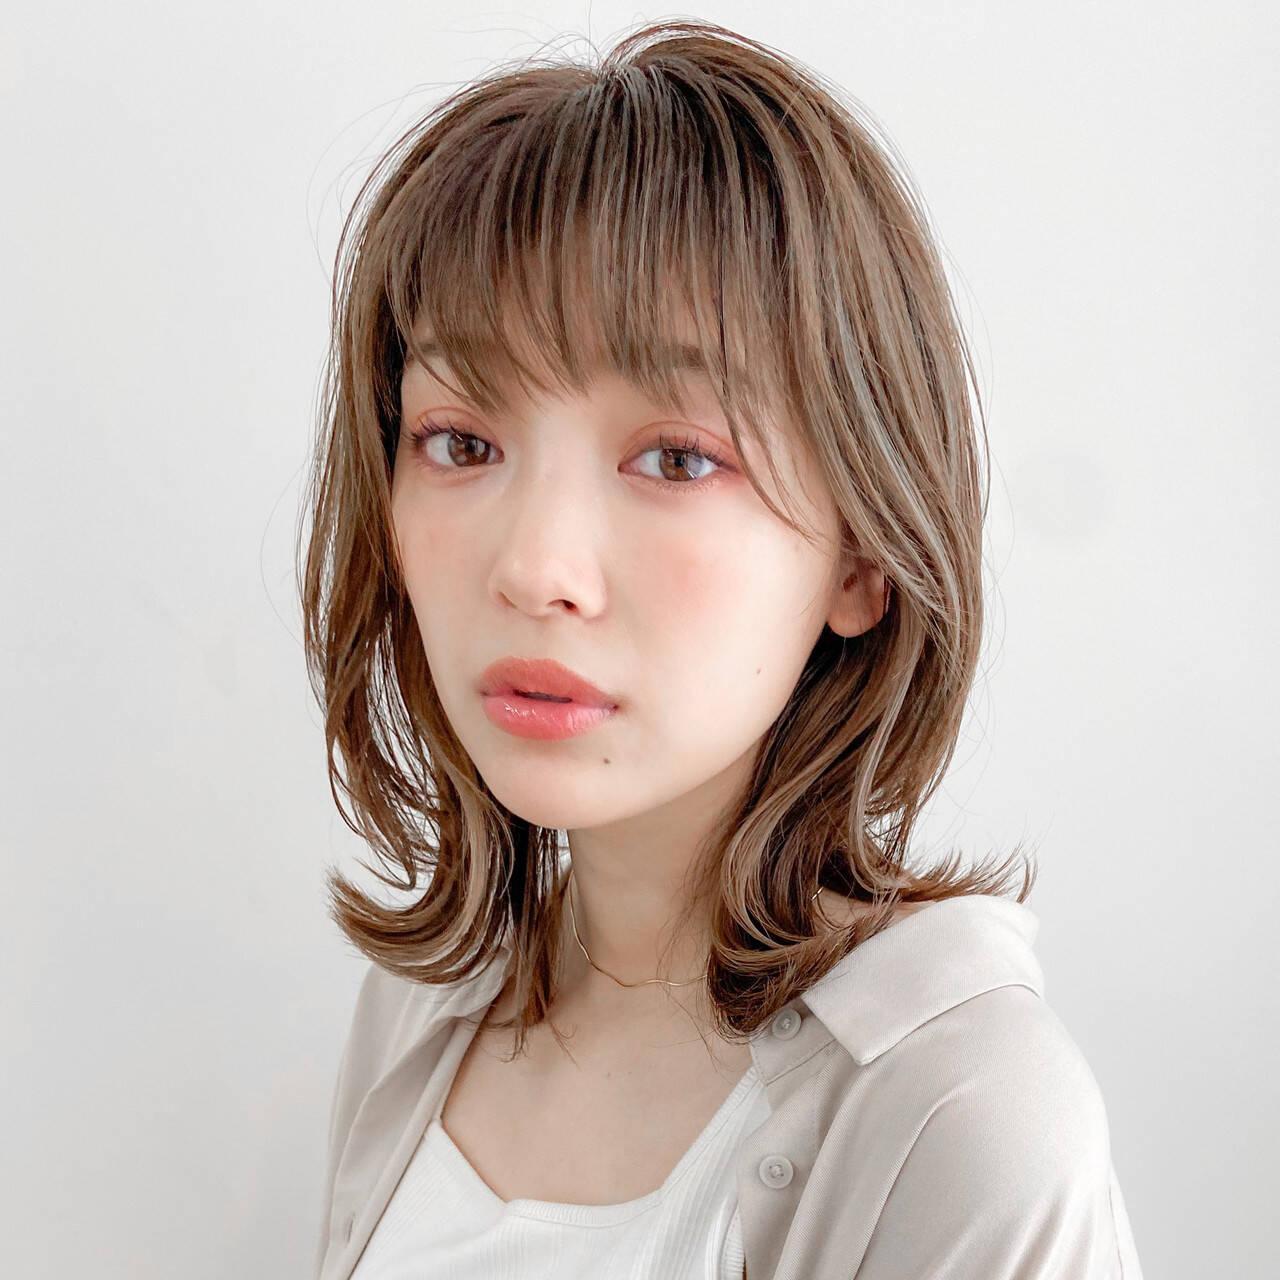 外ハネボブ ミディアム 大人かわいい デジタルパーマヘアスタイルや髪型の写真・画像